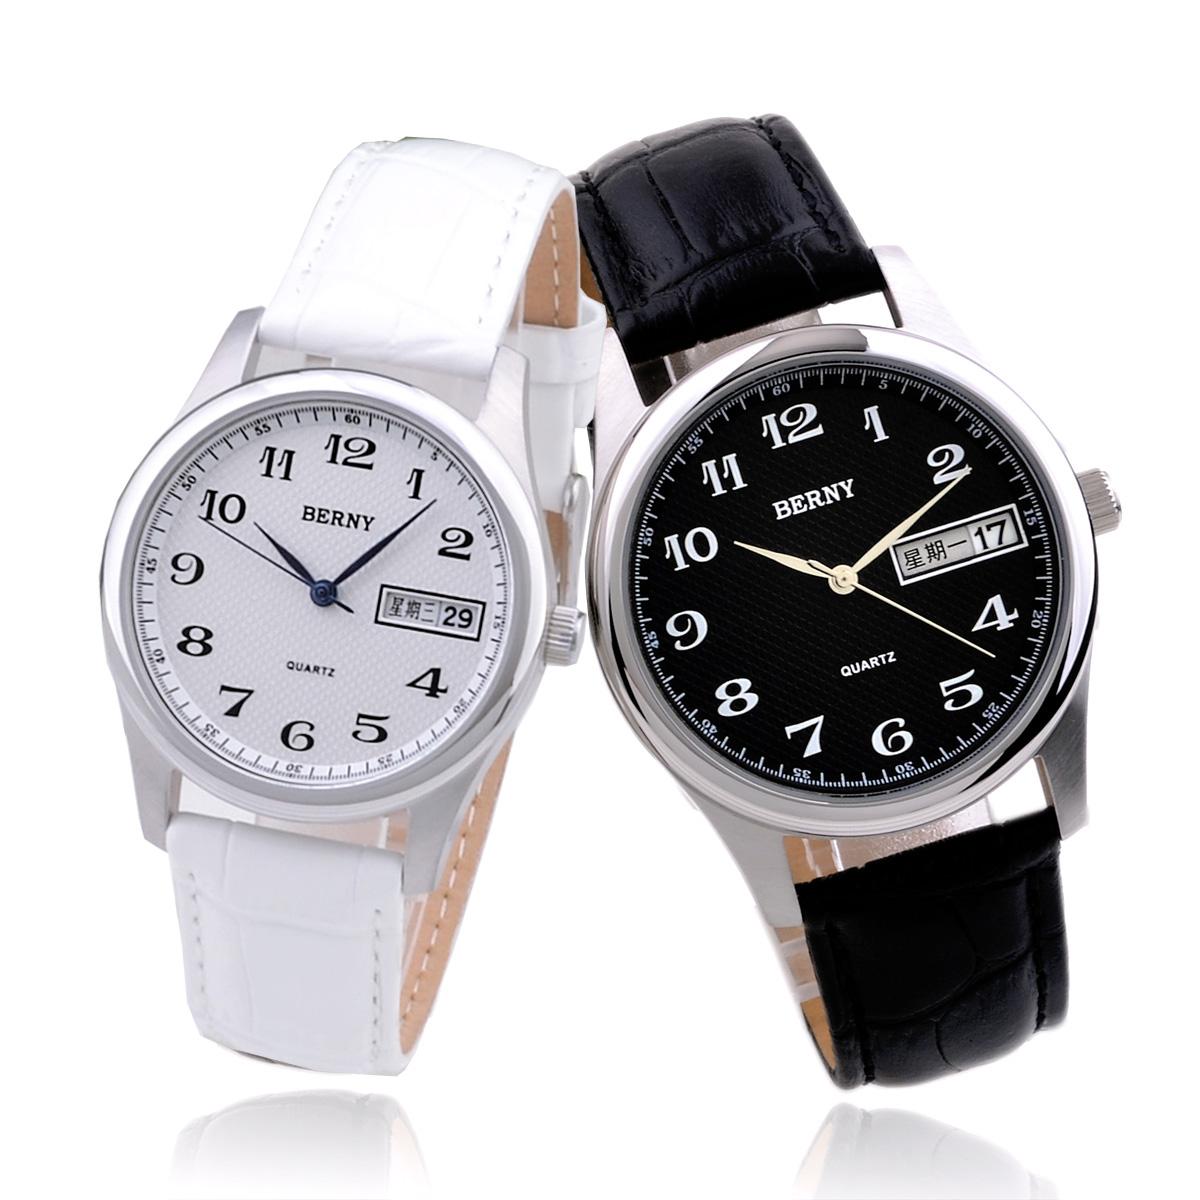 正品伯尼 双日历情侣表皮带对表 情侣手表韩版一对价新款男女手表